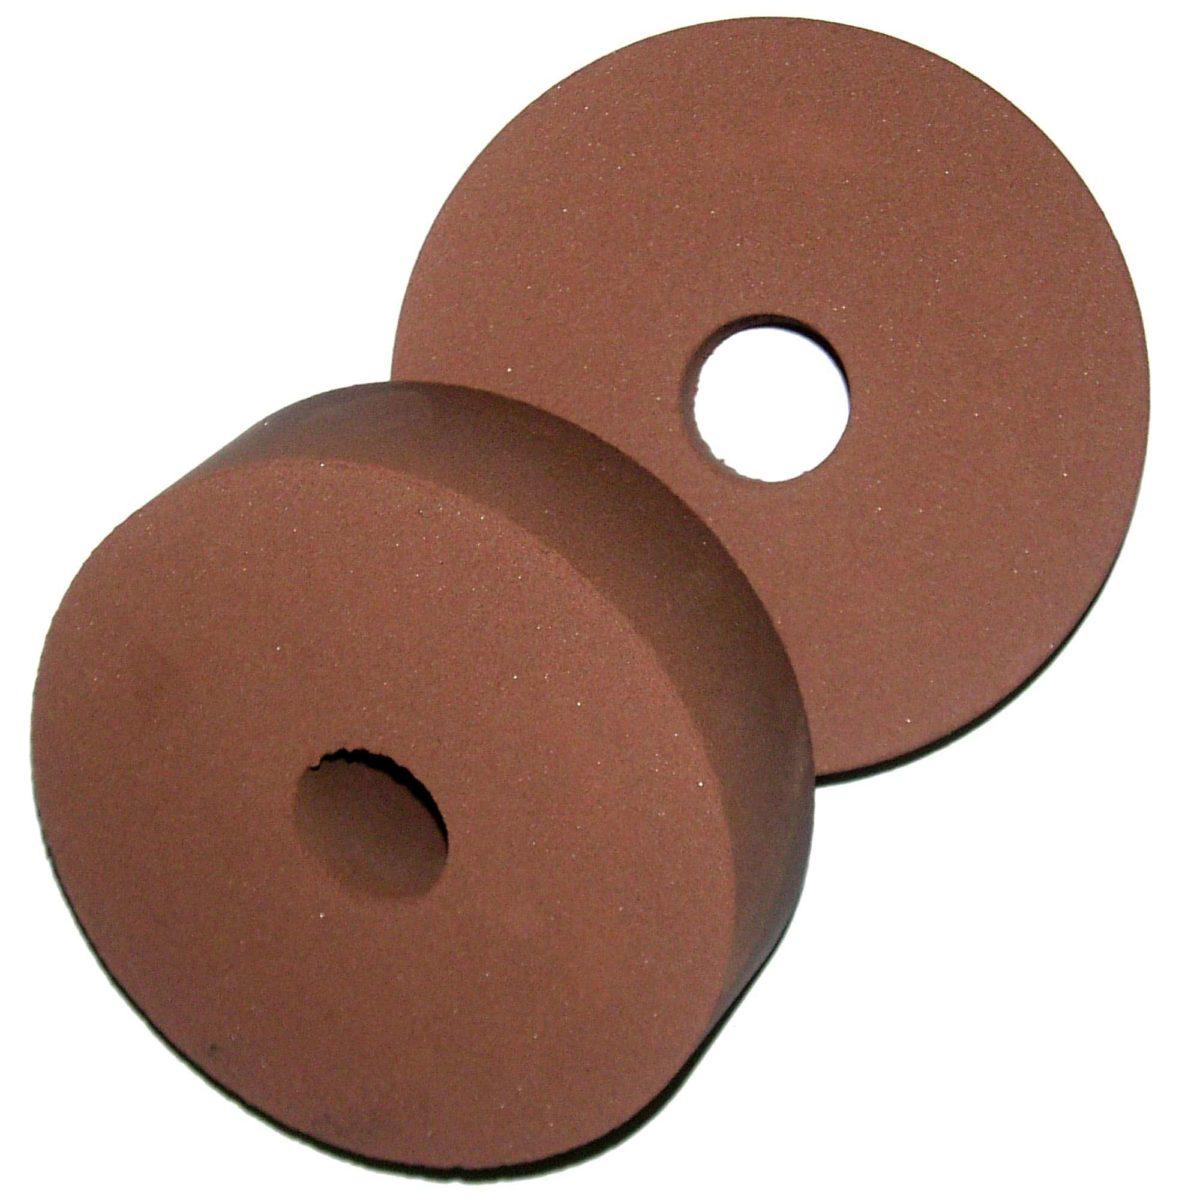 Muela Periferica Ceramica 100x25x22mm. Mod. Top